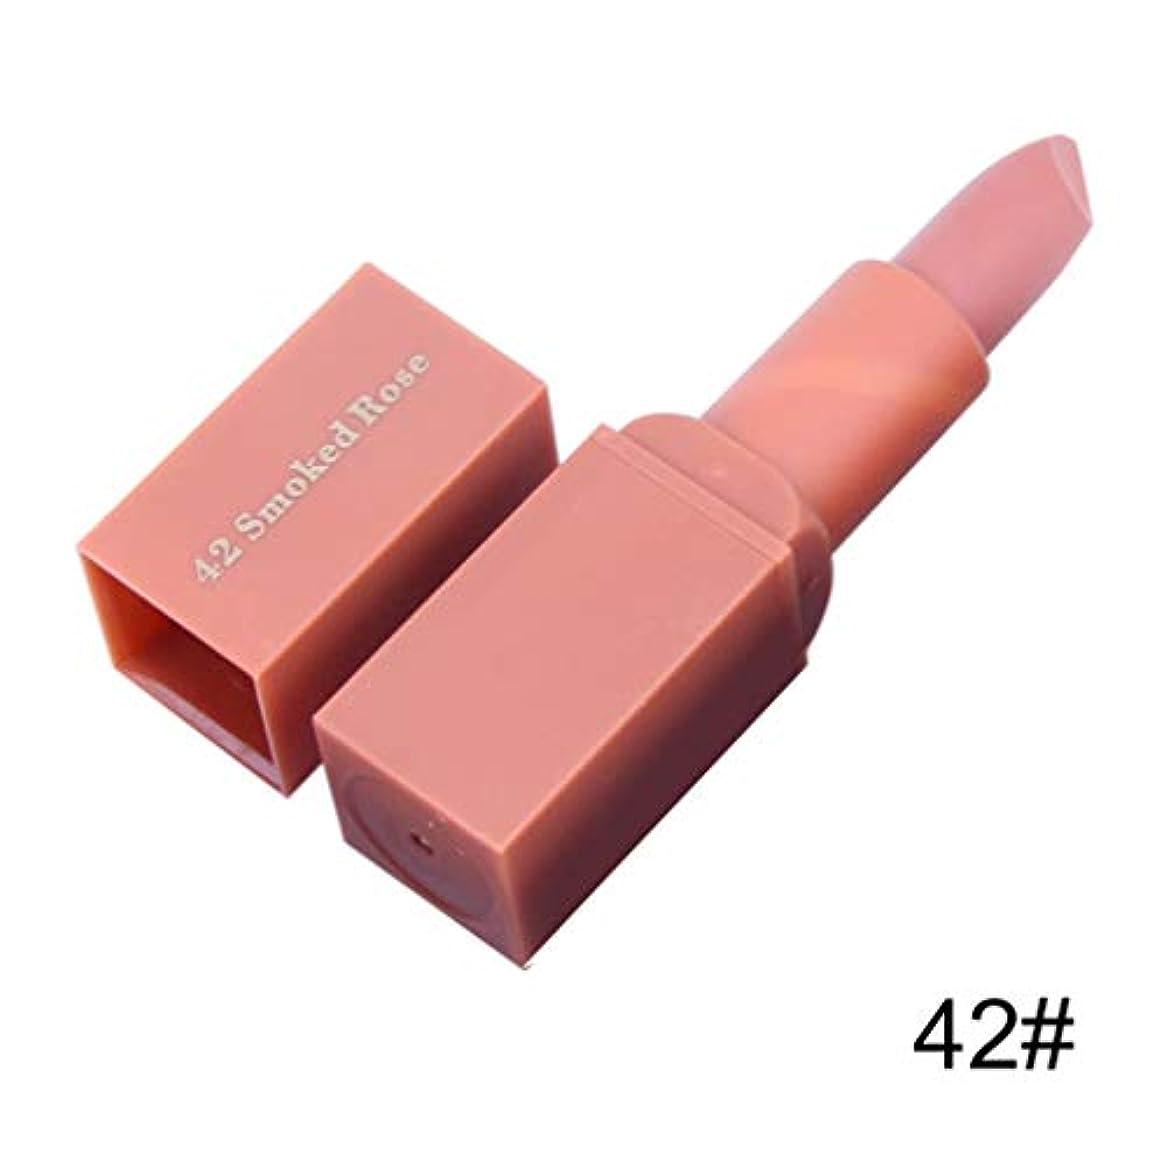 羊段階気難しい化粧品マットリップスティックラスティングセクシーな唇の色の女性のリップメイクアップ口紅天然保湿防水ロング